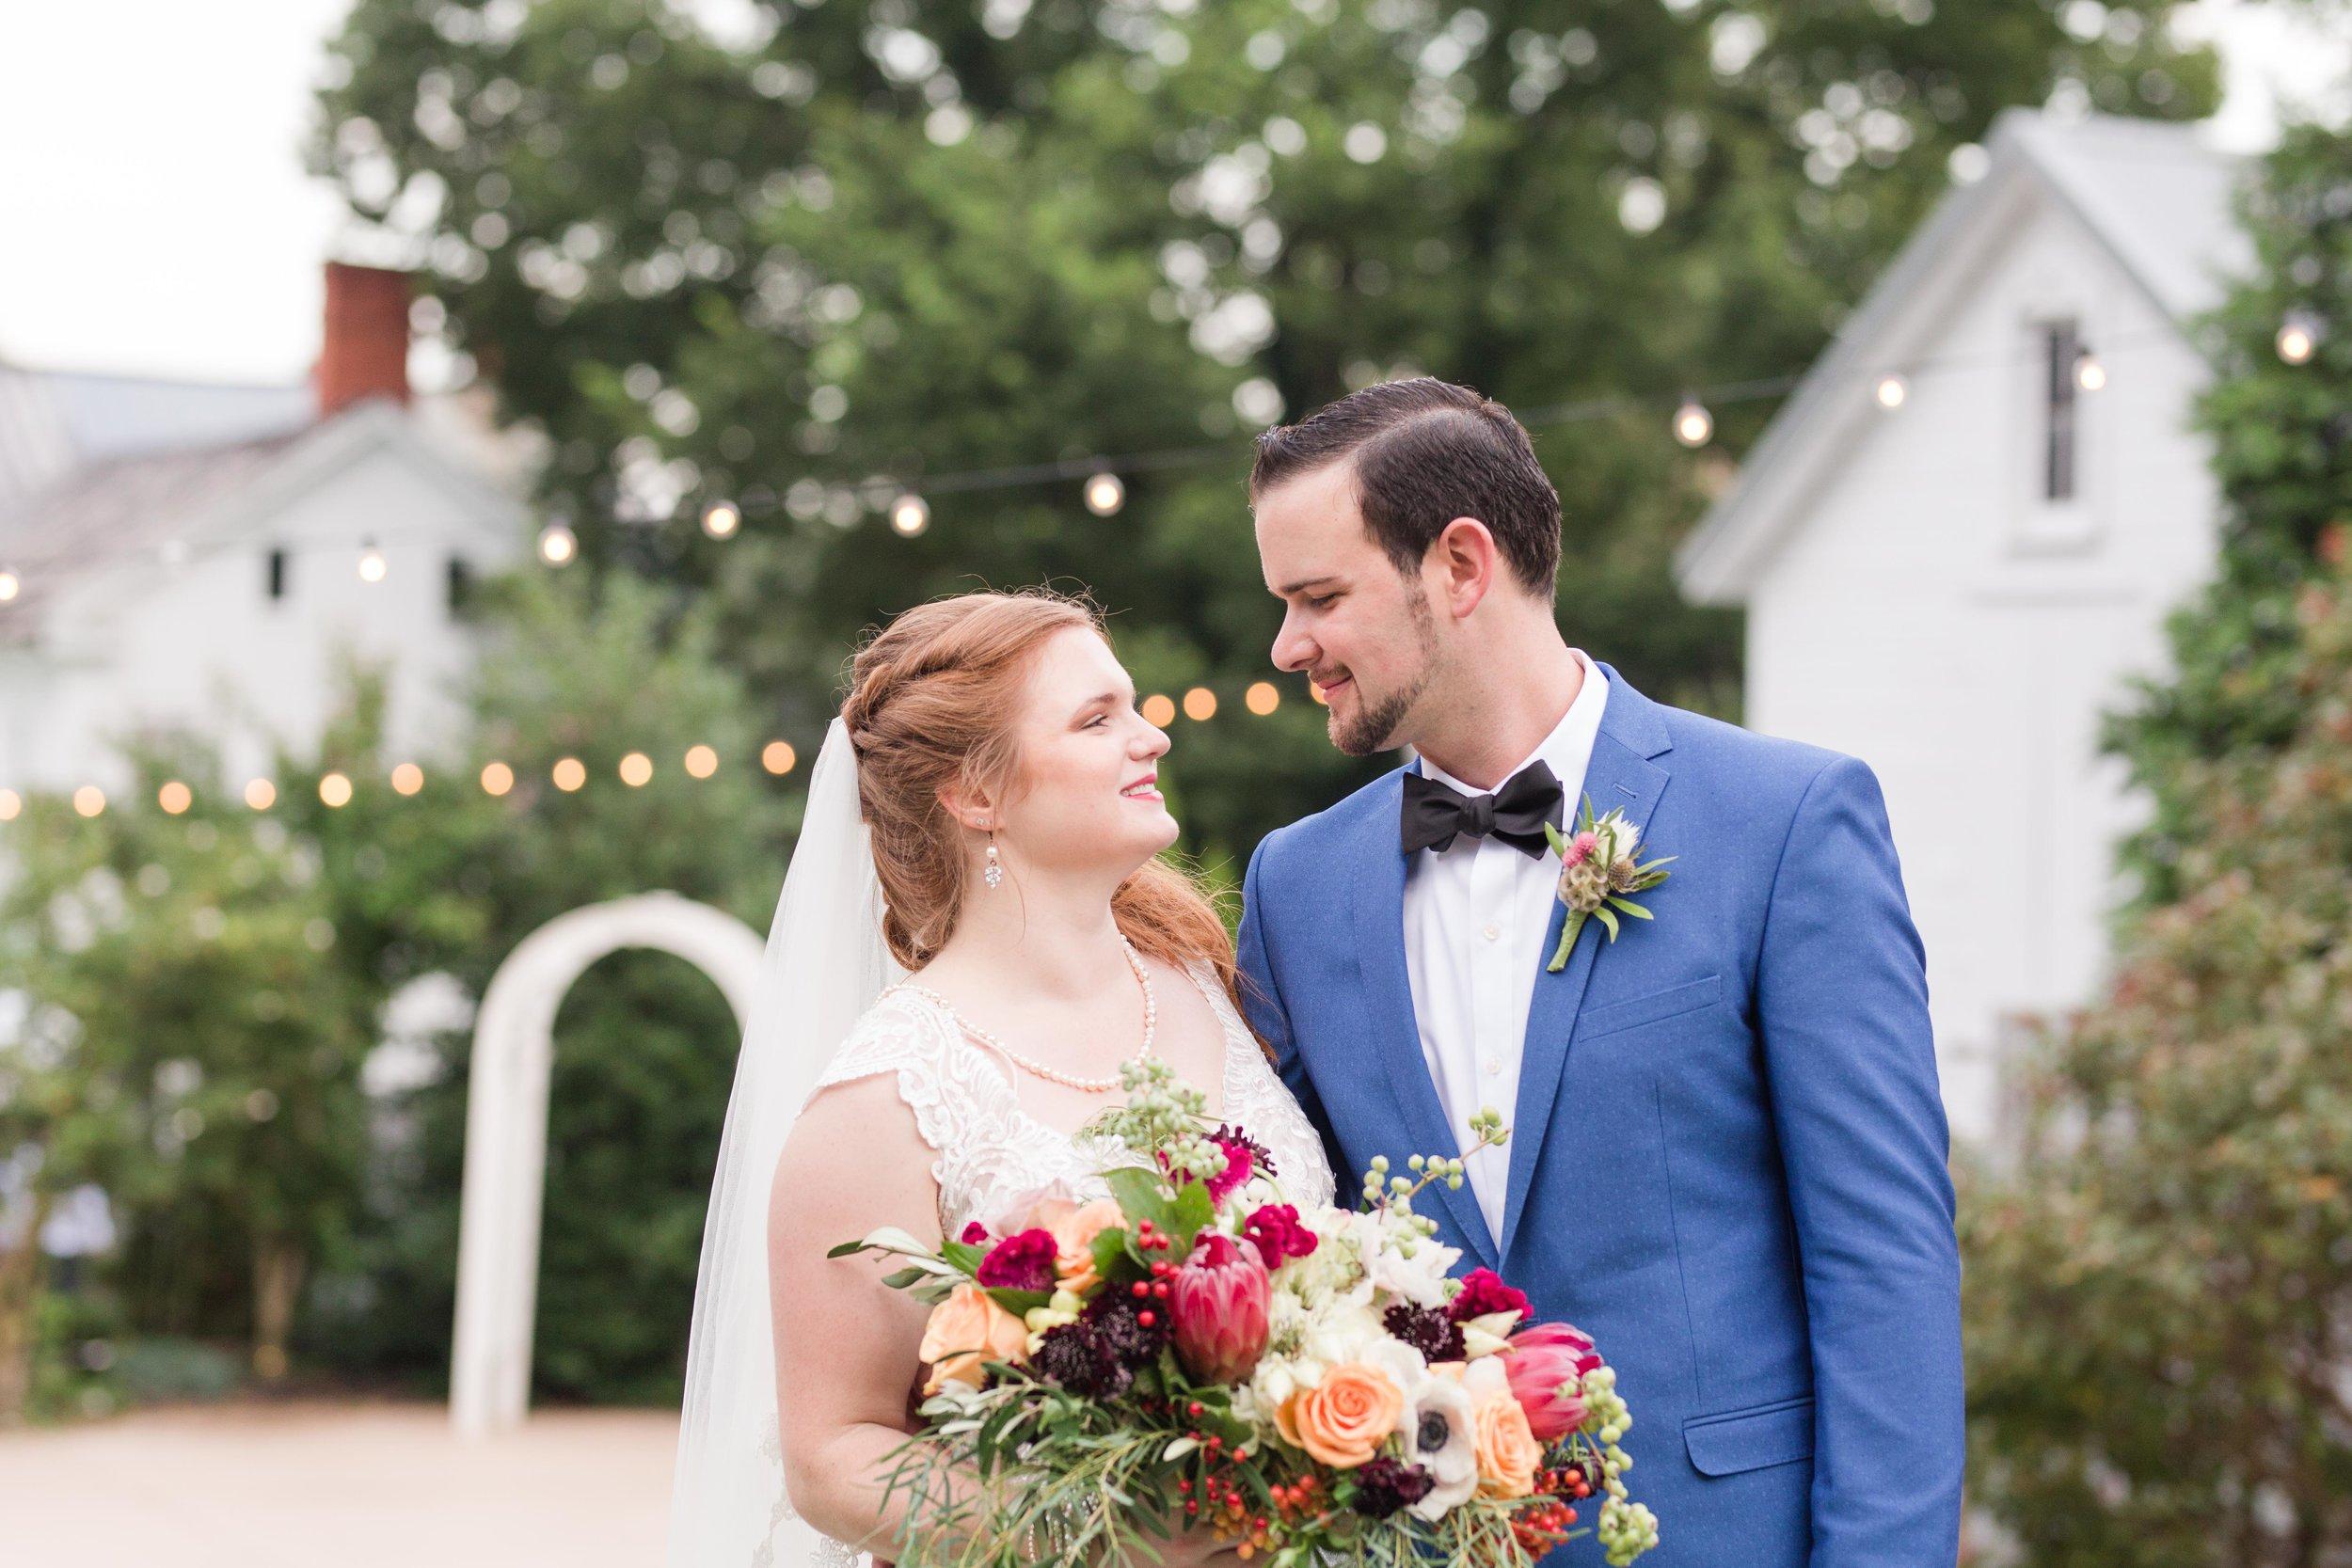 mcfarland_house_martinsburg_wedding-5.jpg